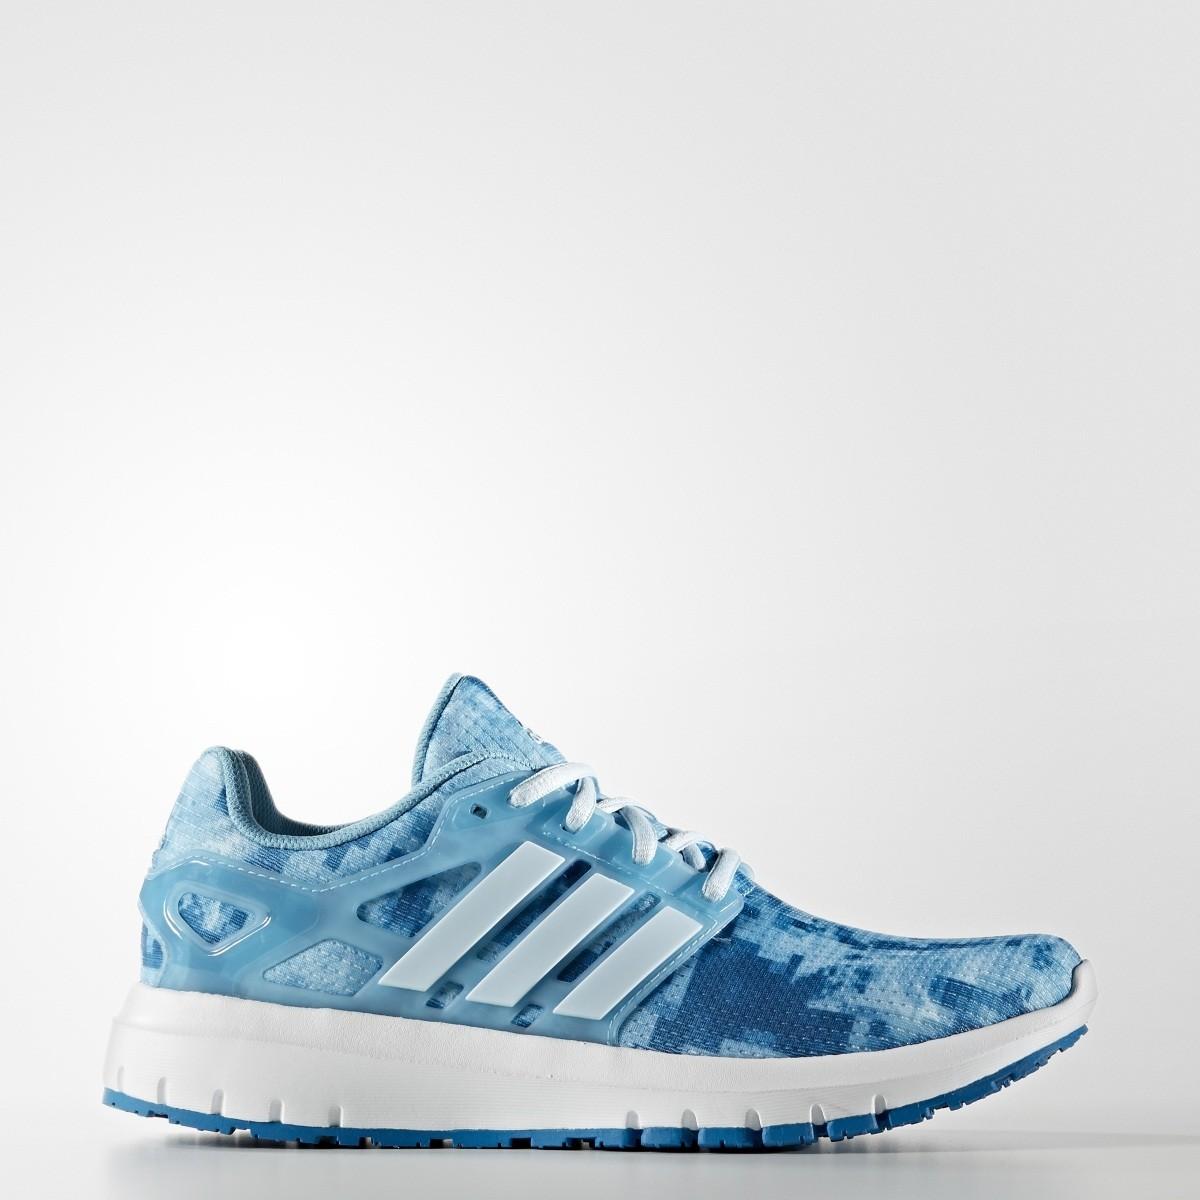 Dámské běžecké boty adidas energy cloud wtc w  1b4a5664a9